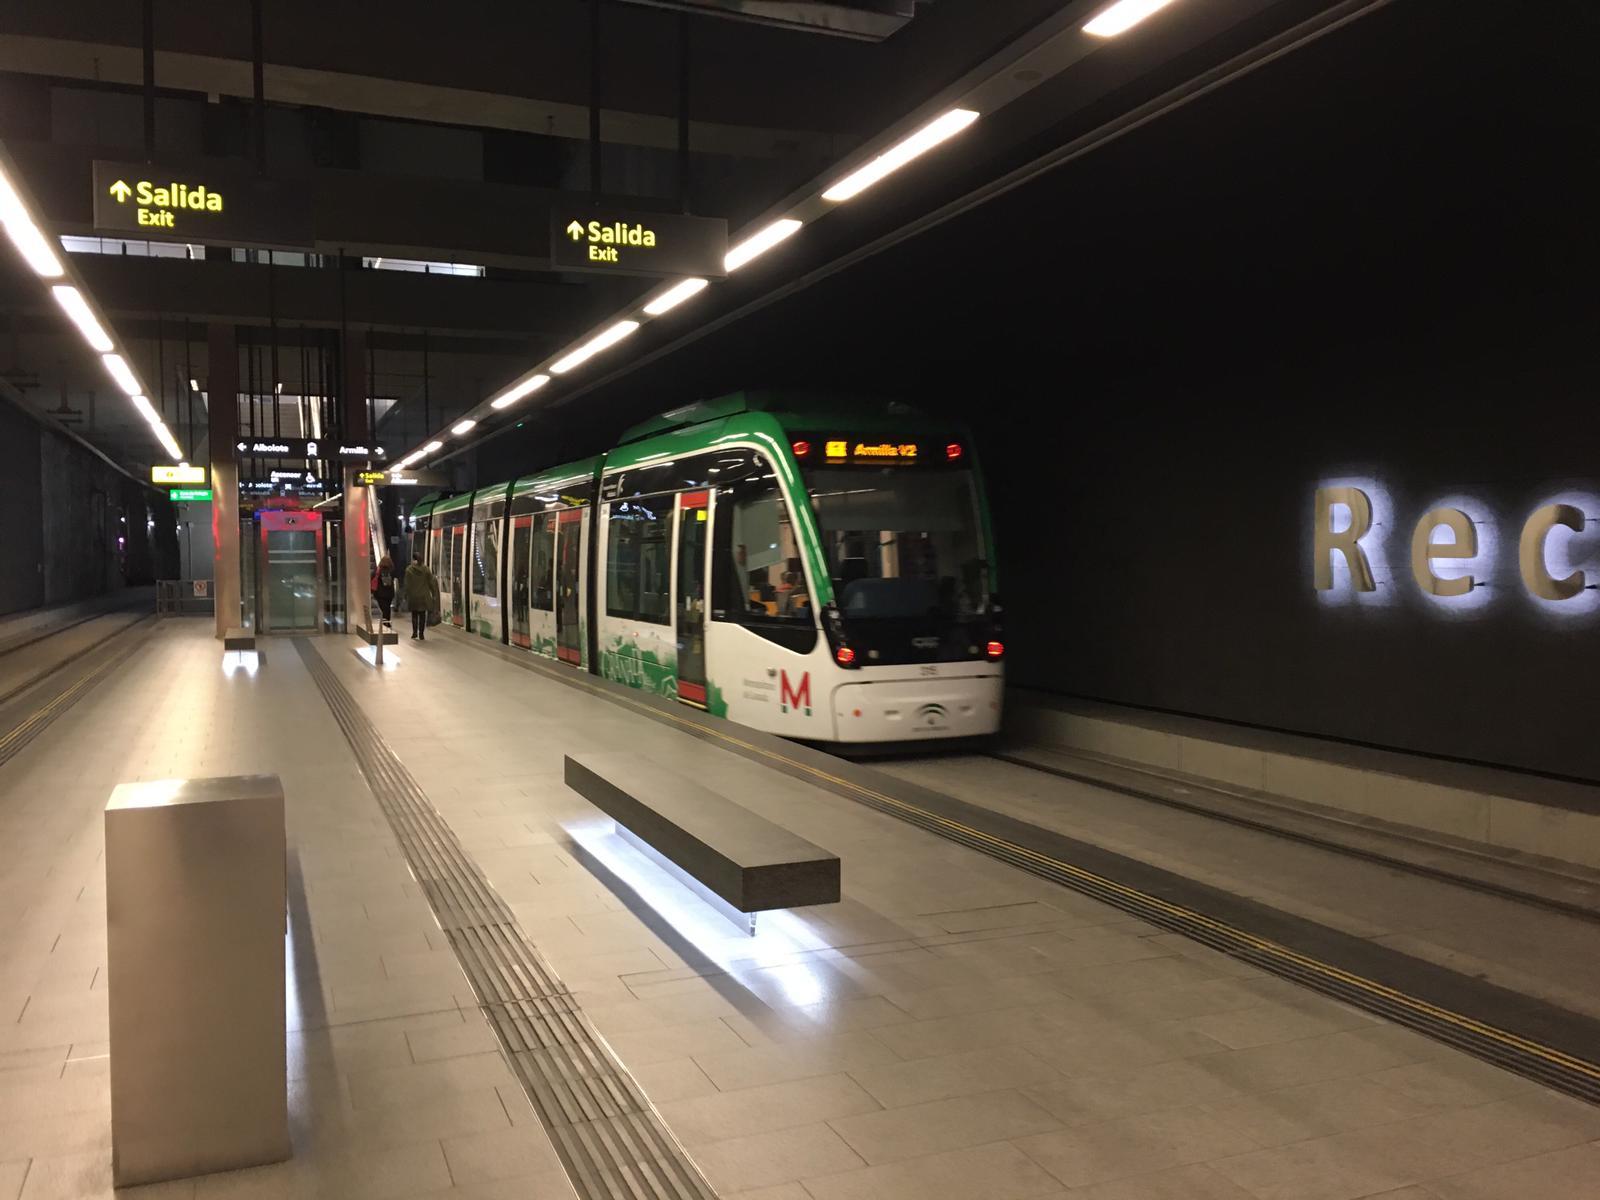 Estación de Recogidas con baja afluencia de pasajeros en Metro de Granada